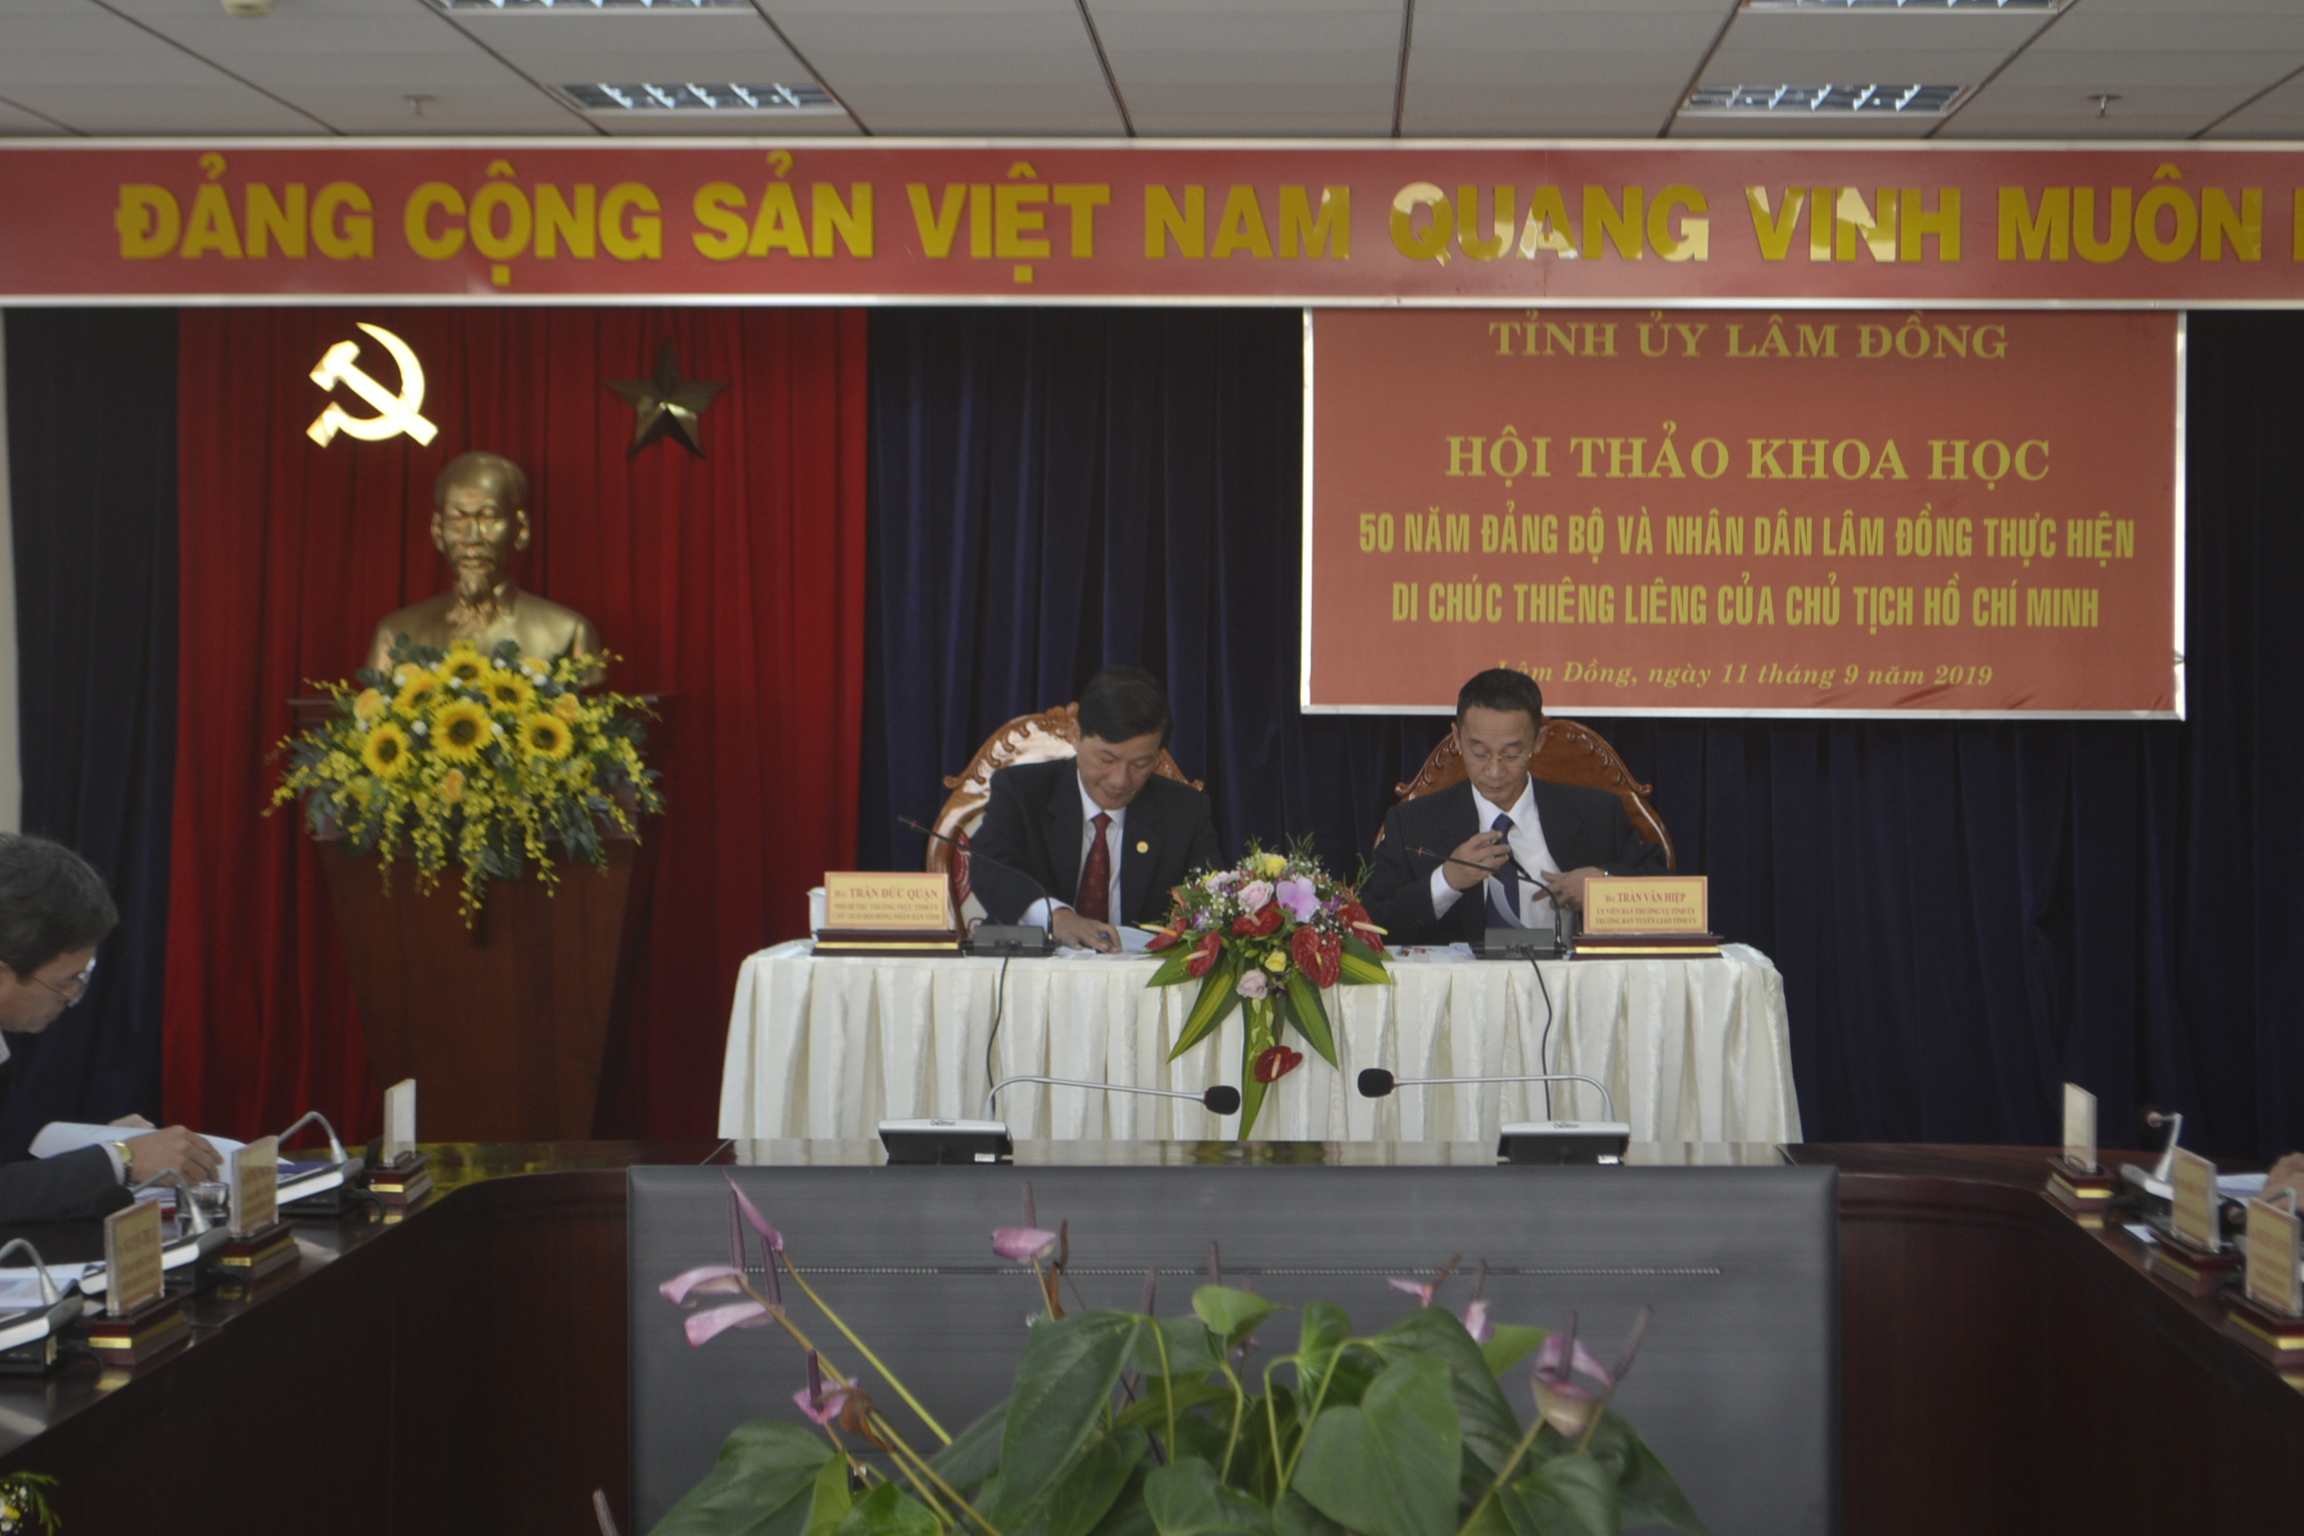 50 năm Đảng bộ và nhân dân Lâm Đồng làm theo lời Bác